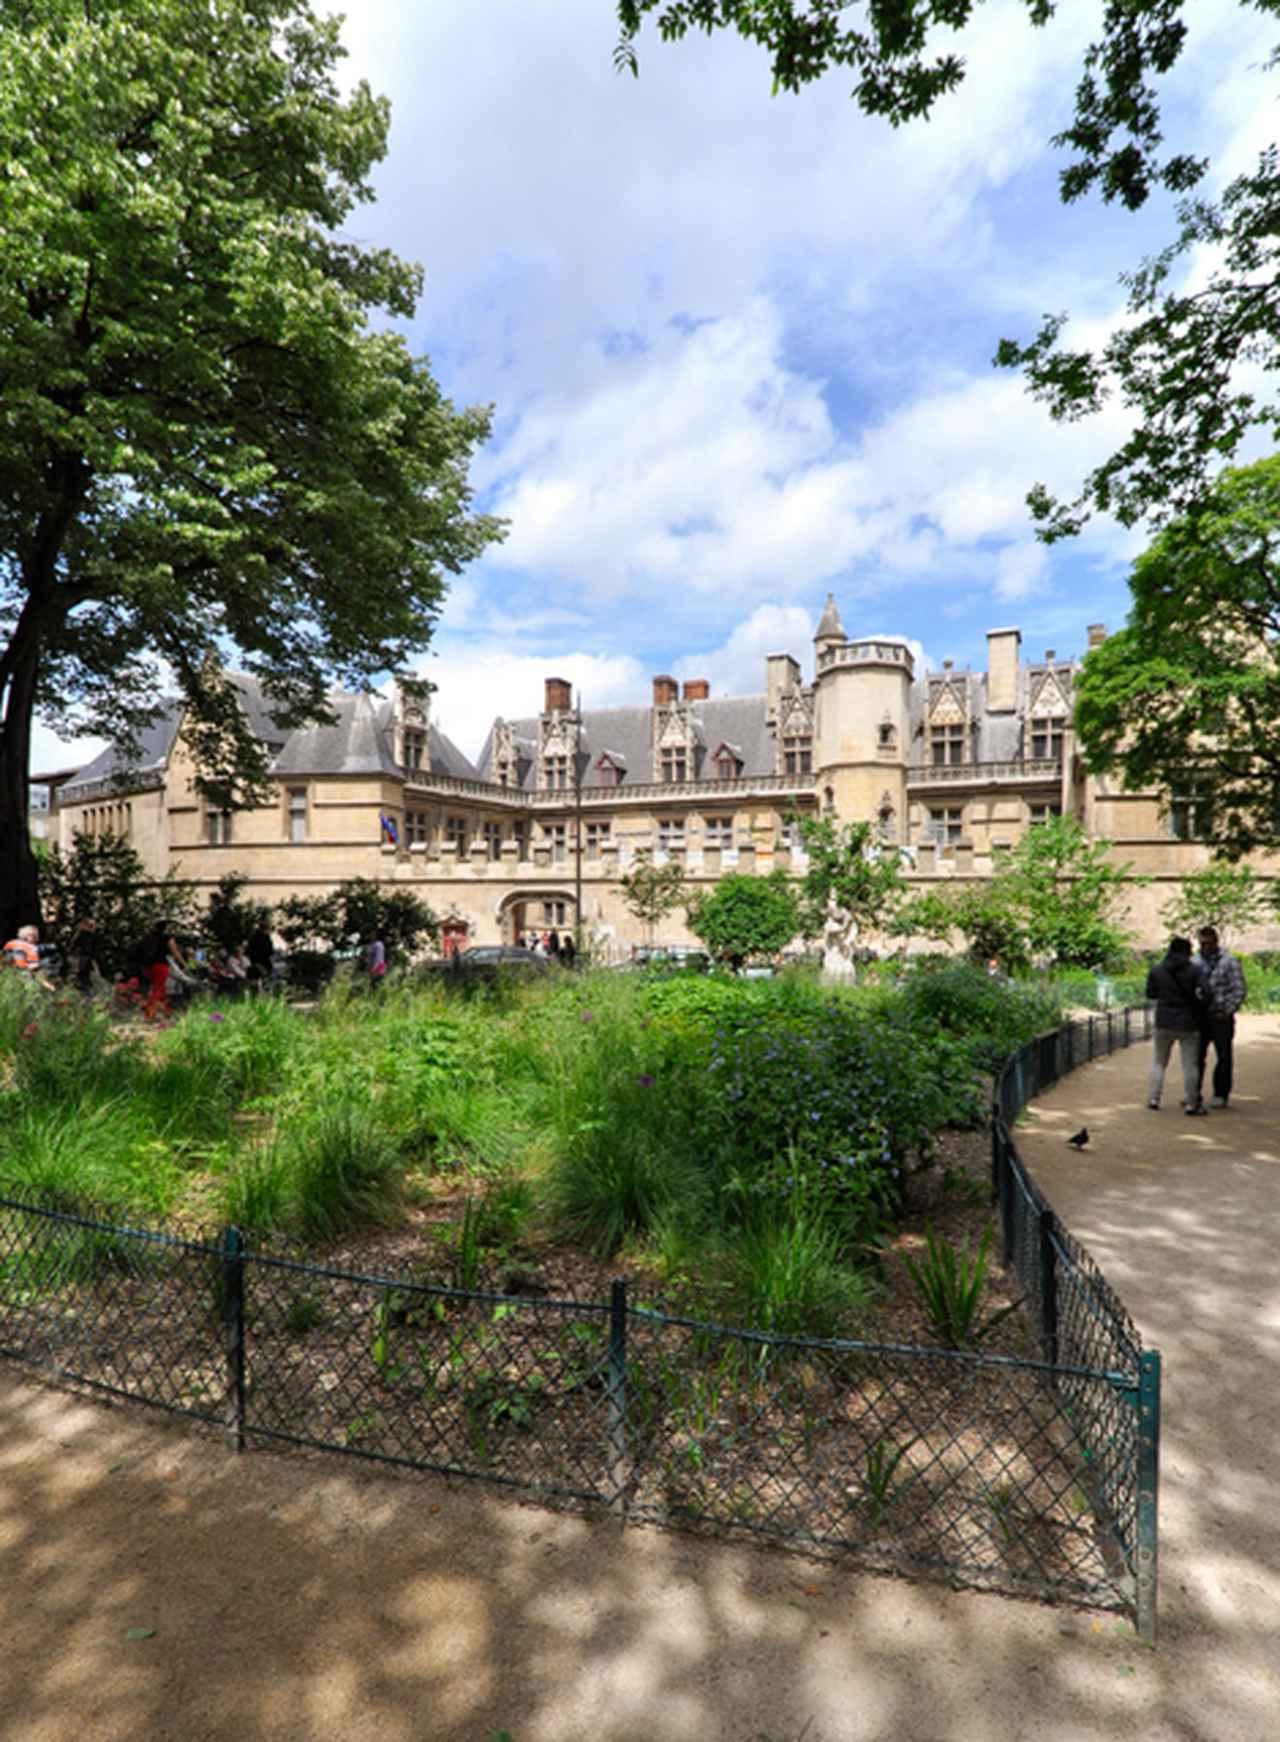 画像: 公園越しにクリュニー中世美術館を見る。建物の裏手の一角には中世に使われていた薬草や野菜を育てる庭がある。この手前の公園もそれと関連したものかもしれない。この建物の左(西)側にテルム跡がある。